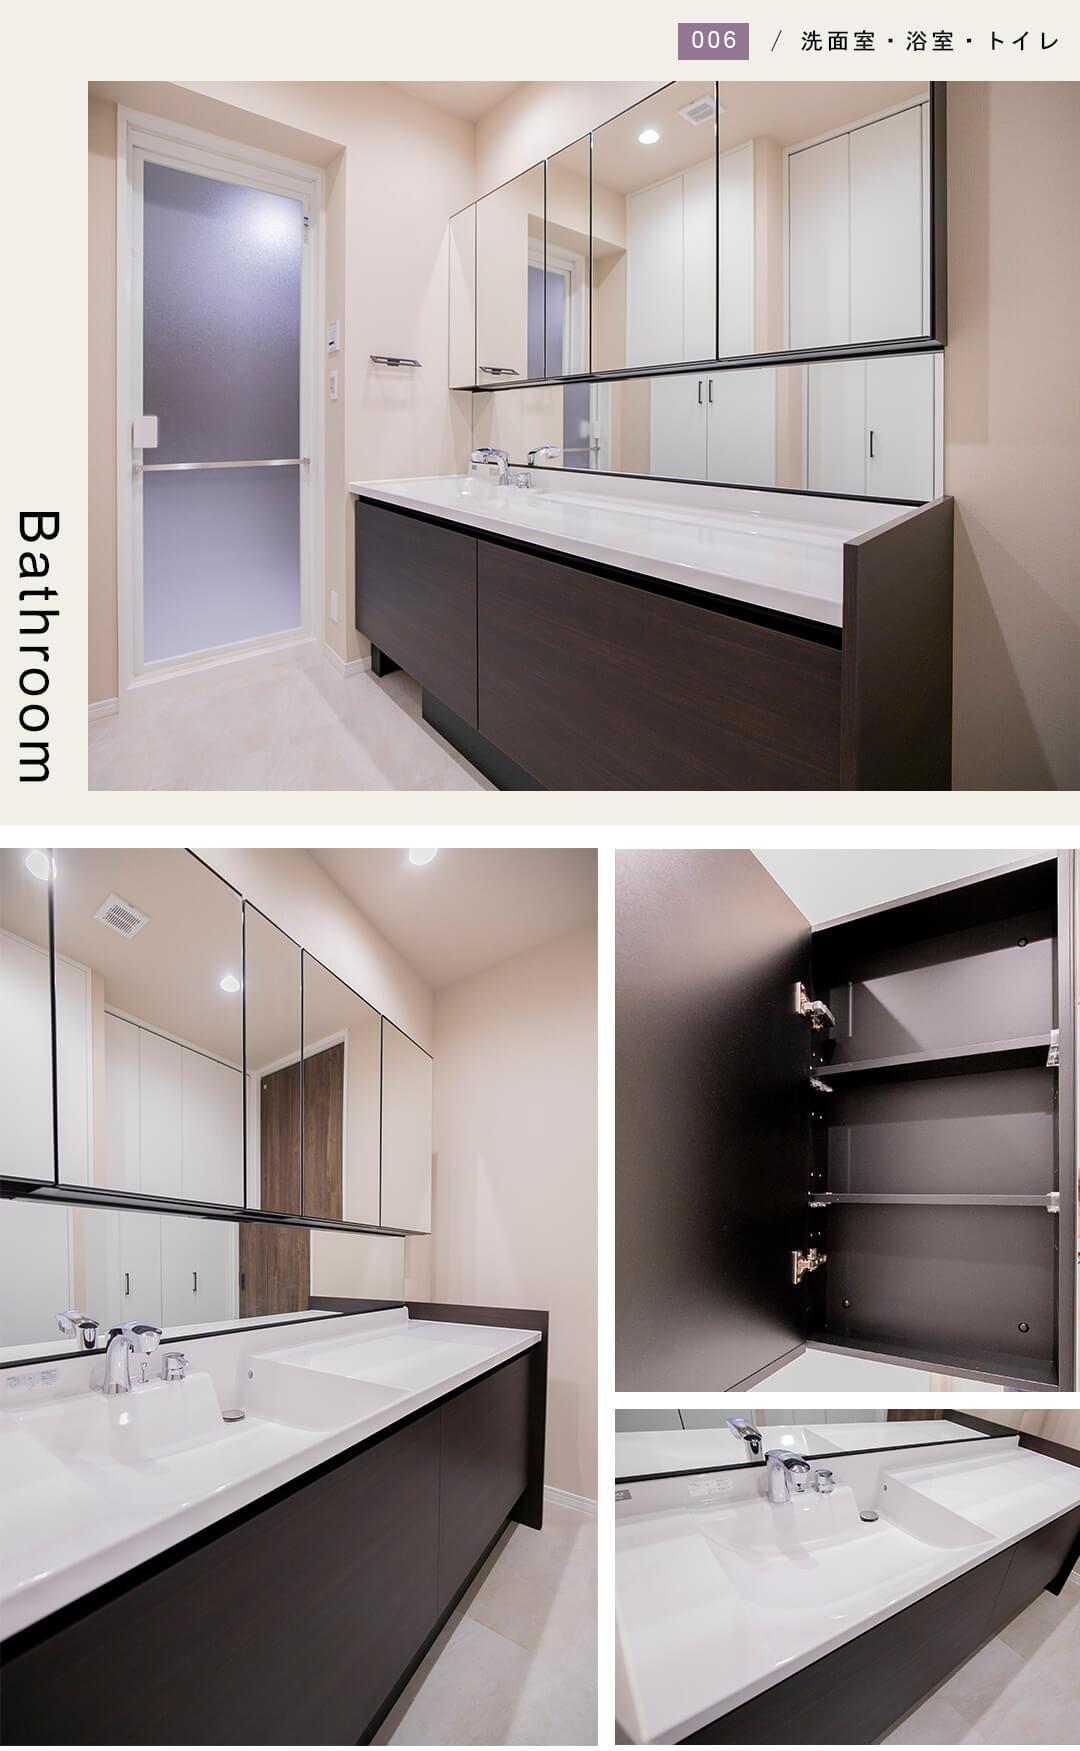 パレ・ロワイヤル永田町の洗面室